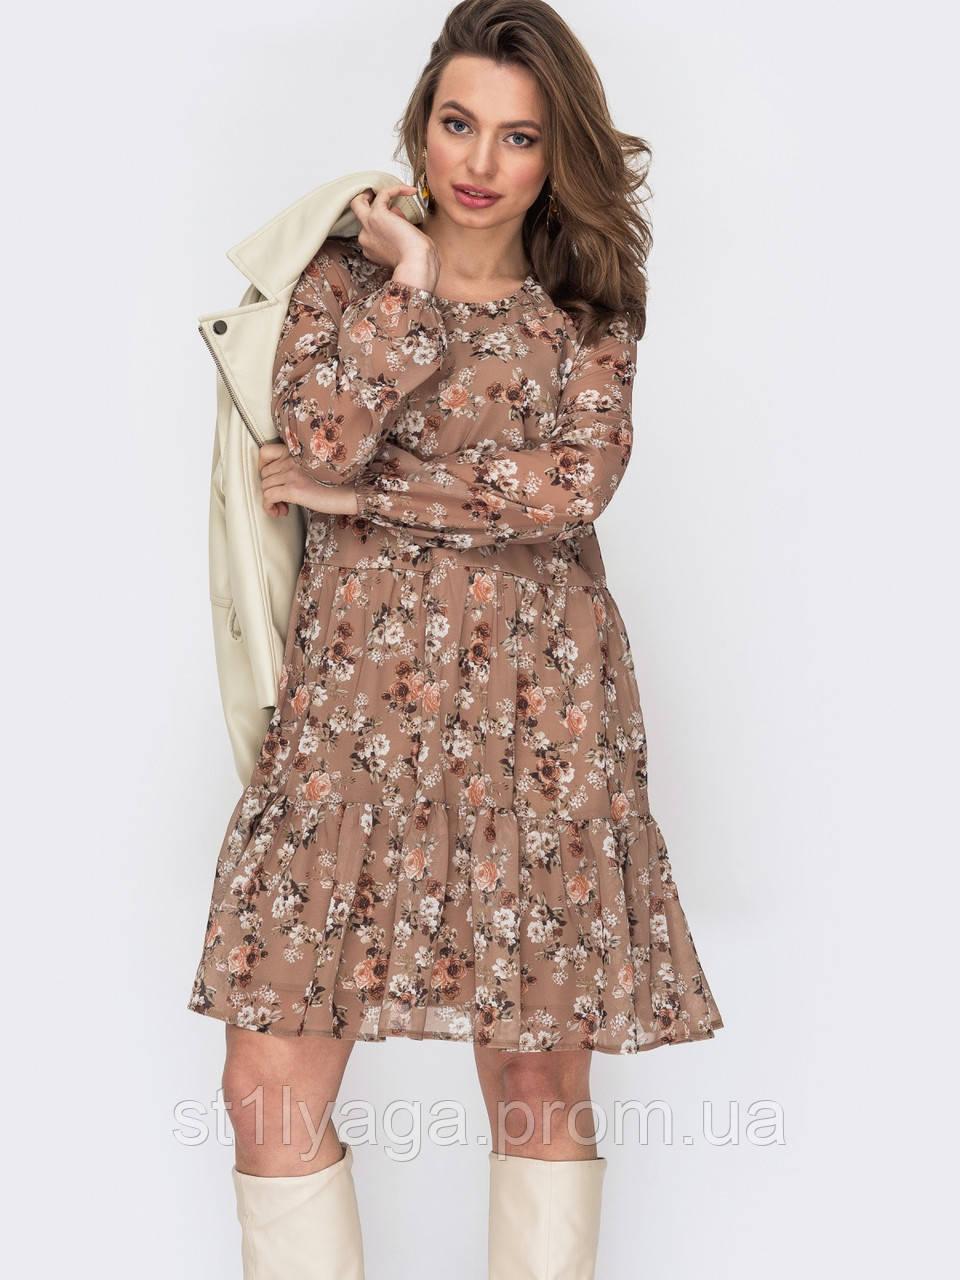 Короткое платье из шифона в цветочном принте